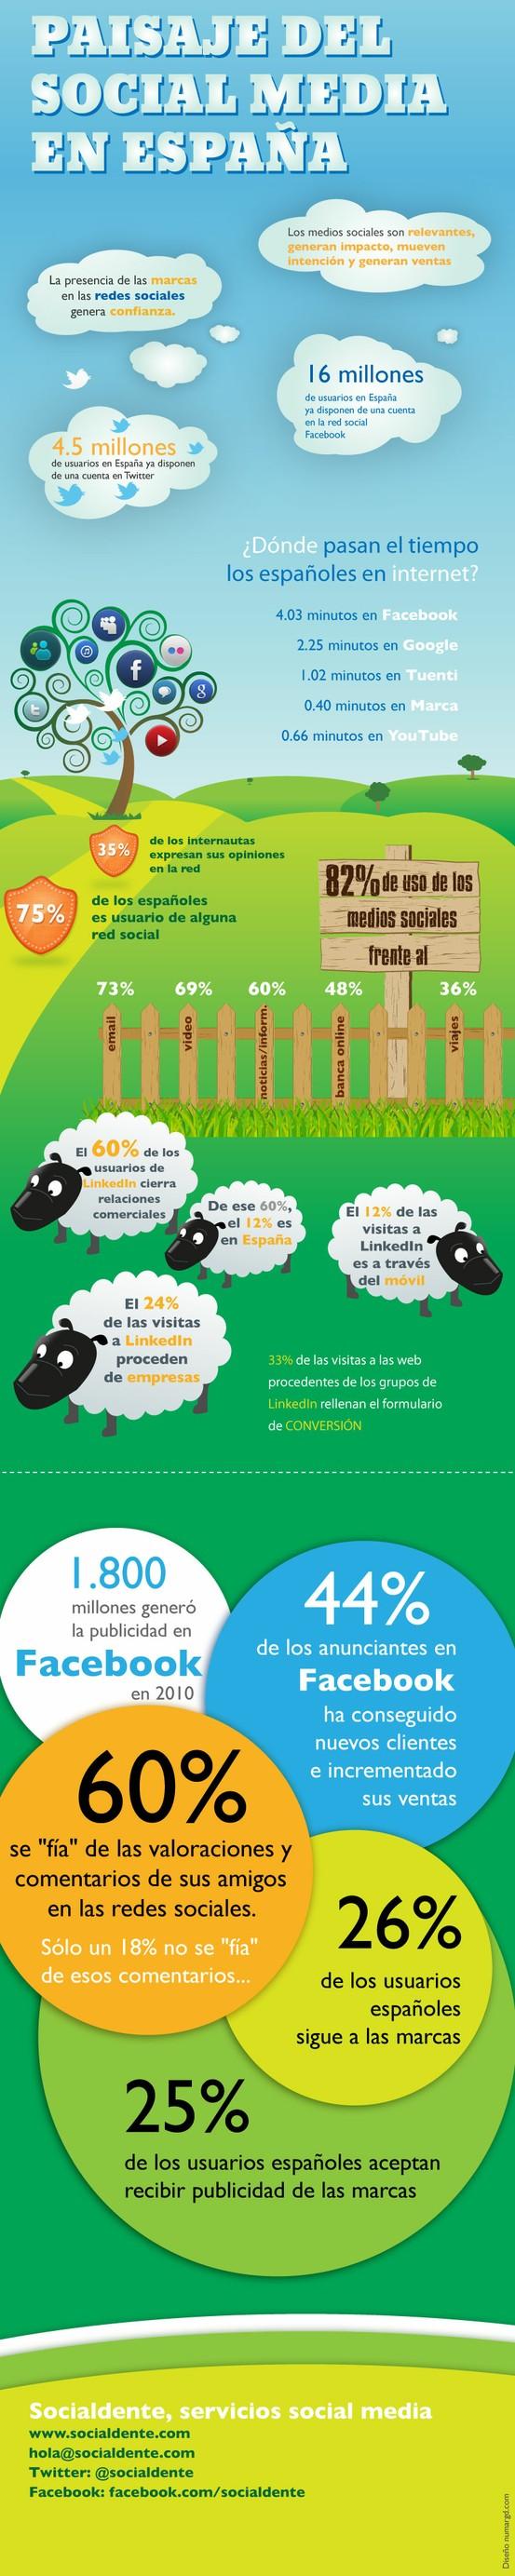 el-paisaje-del-social-media-en-espana-infografia-infographic-socialmedia